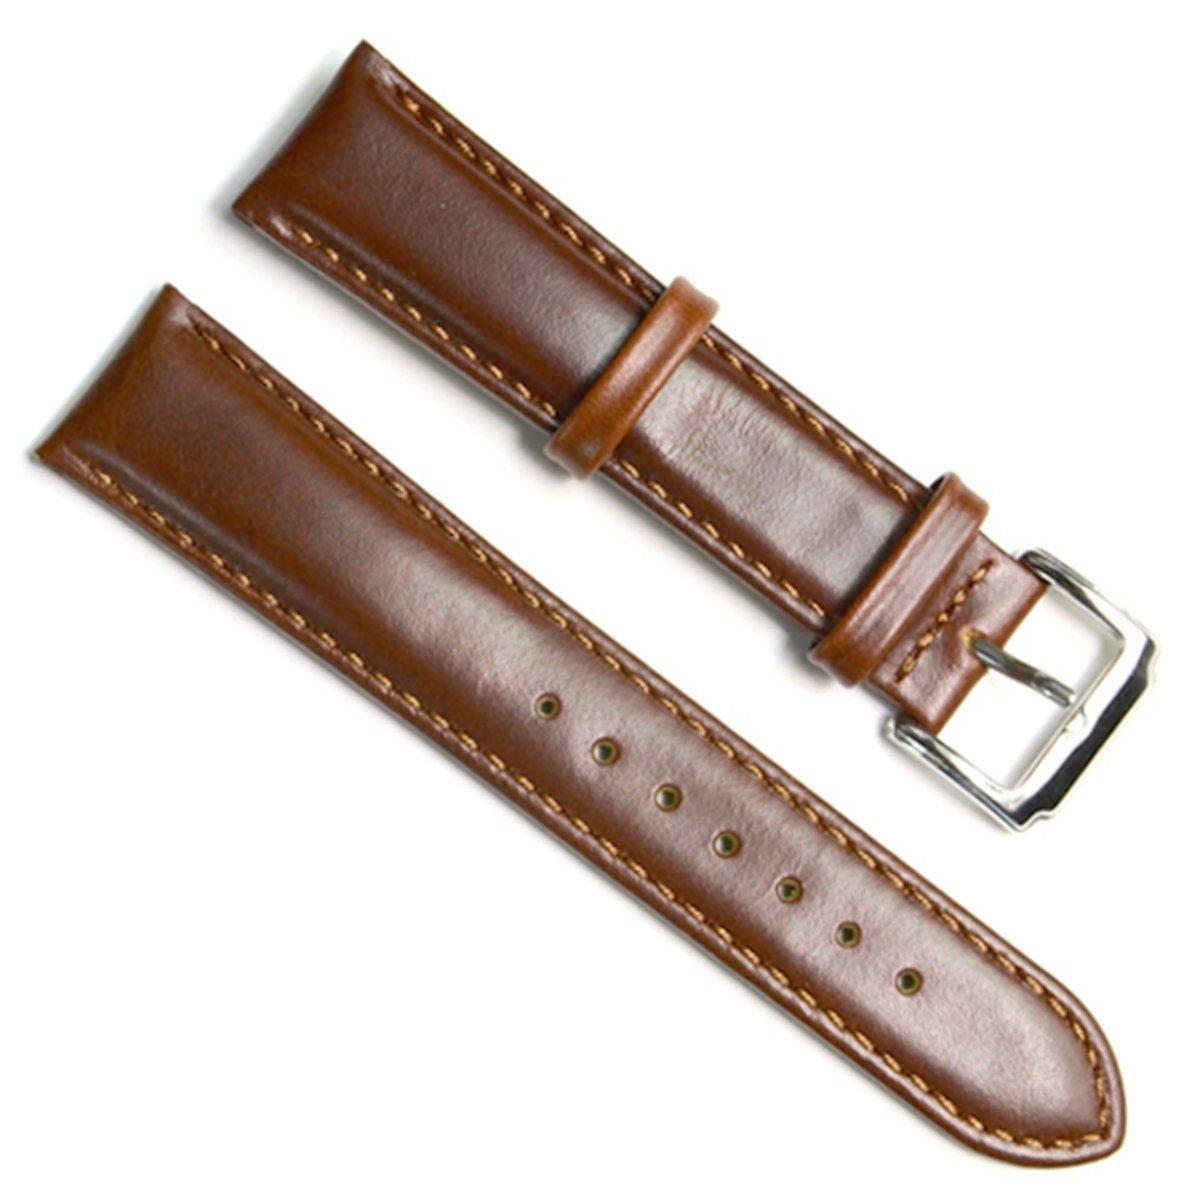 交換用の腕時計ベルト 本革 ステンレスメタル製の中留付き 18mm Oil Wax Leather/Coffee 18mm|Oil Wax Leather/Coffee Oil Wax Leather/Coffee 18mm B01EDTMEP2